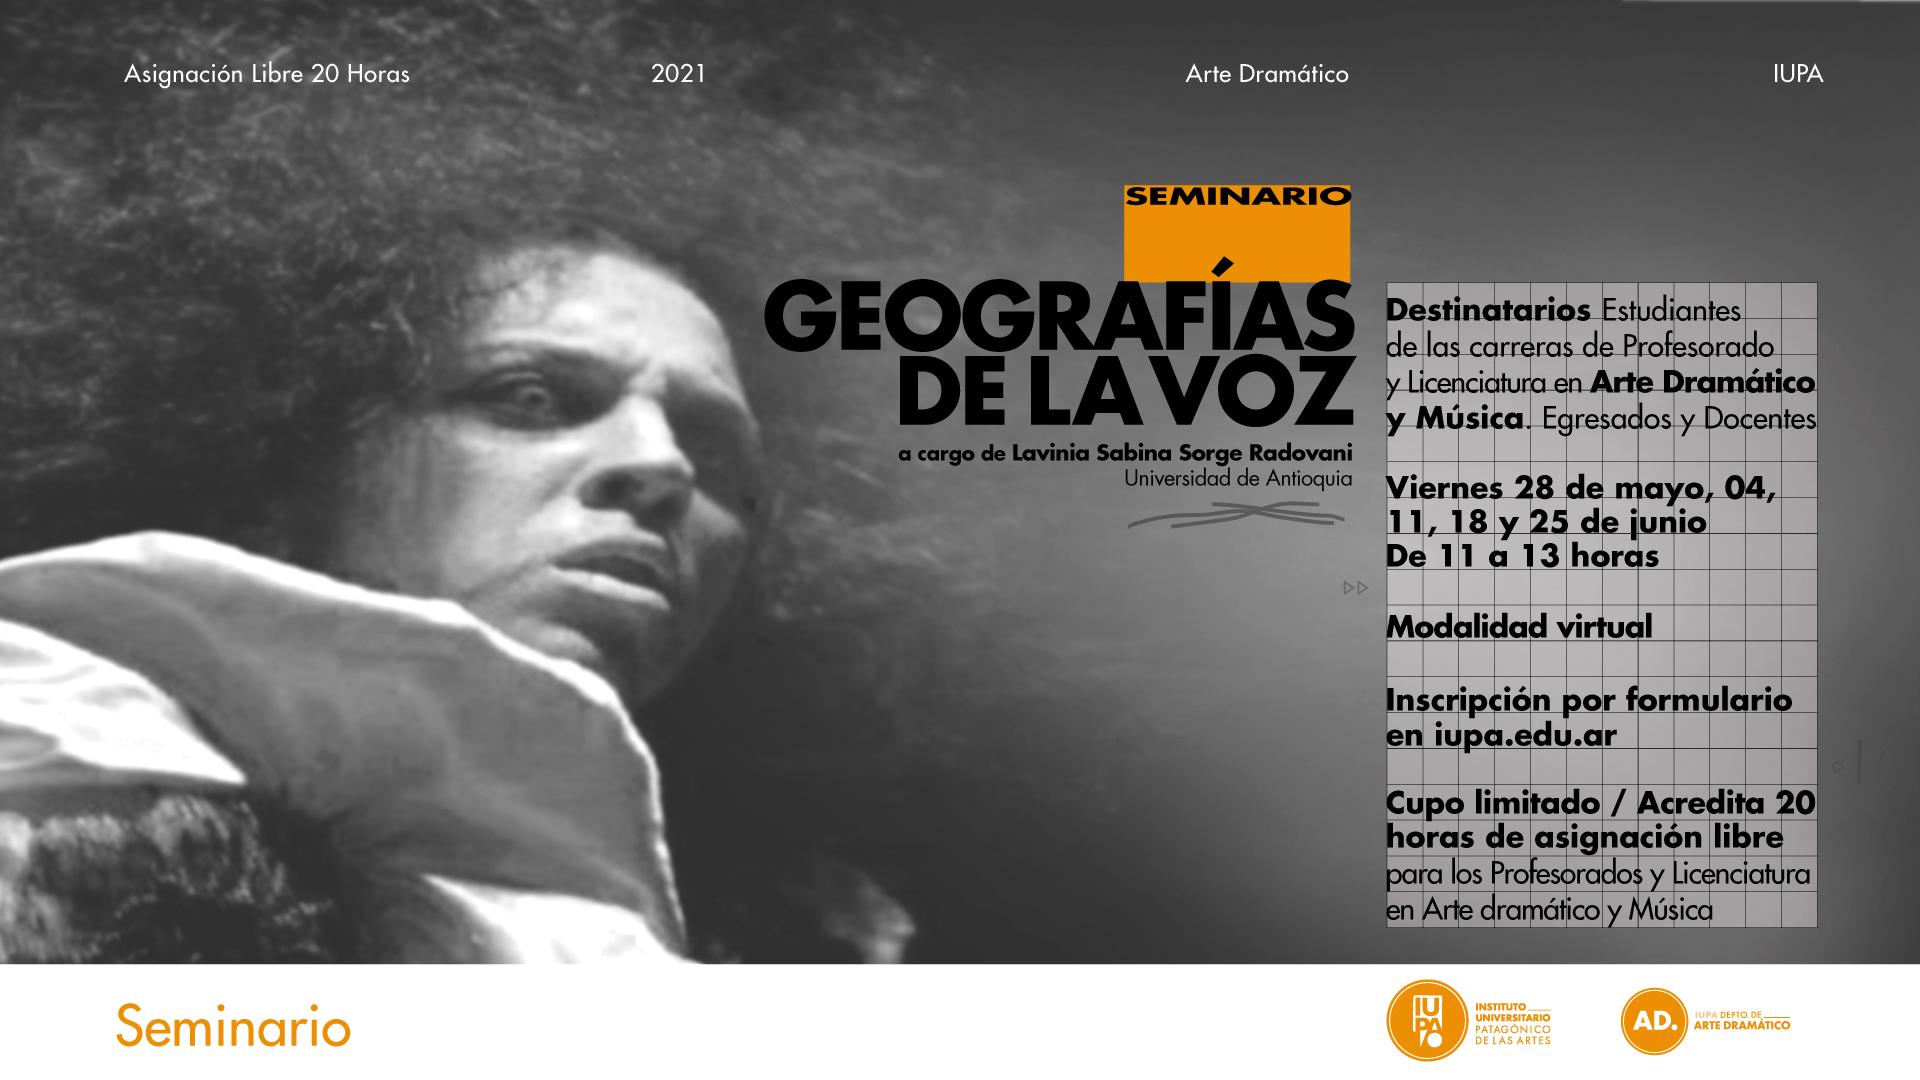 flyer seminario Geografìas de la voz